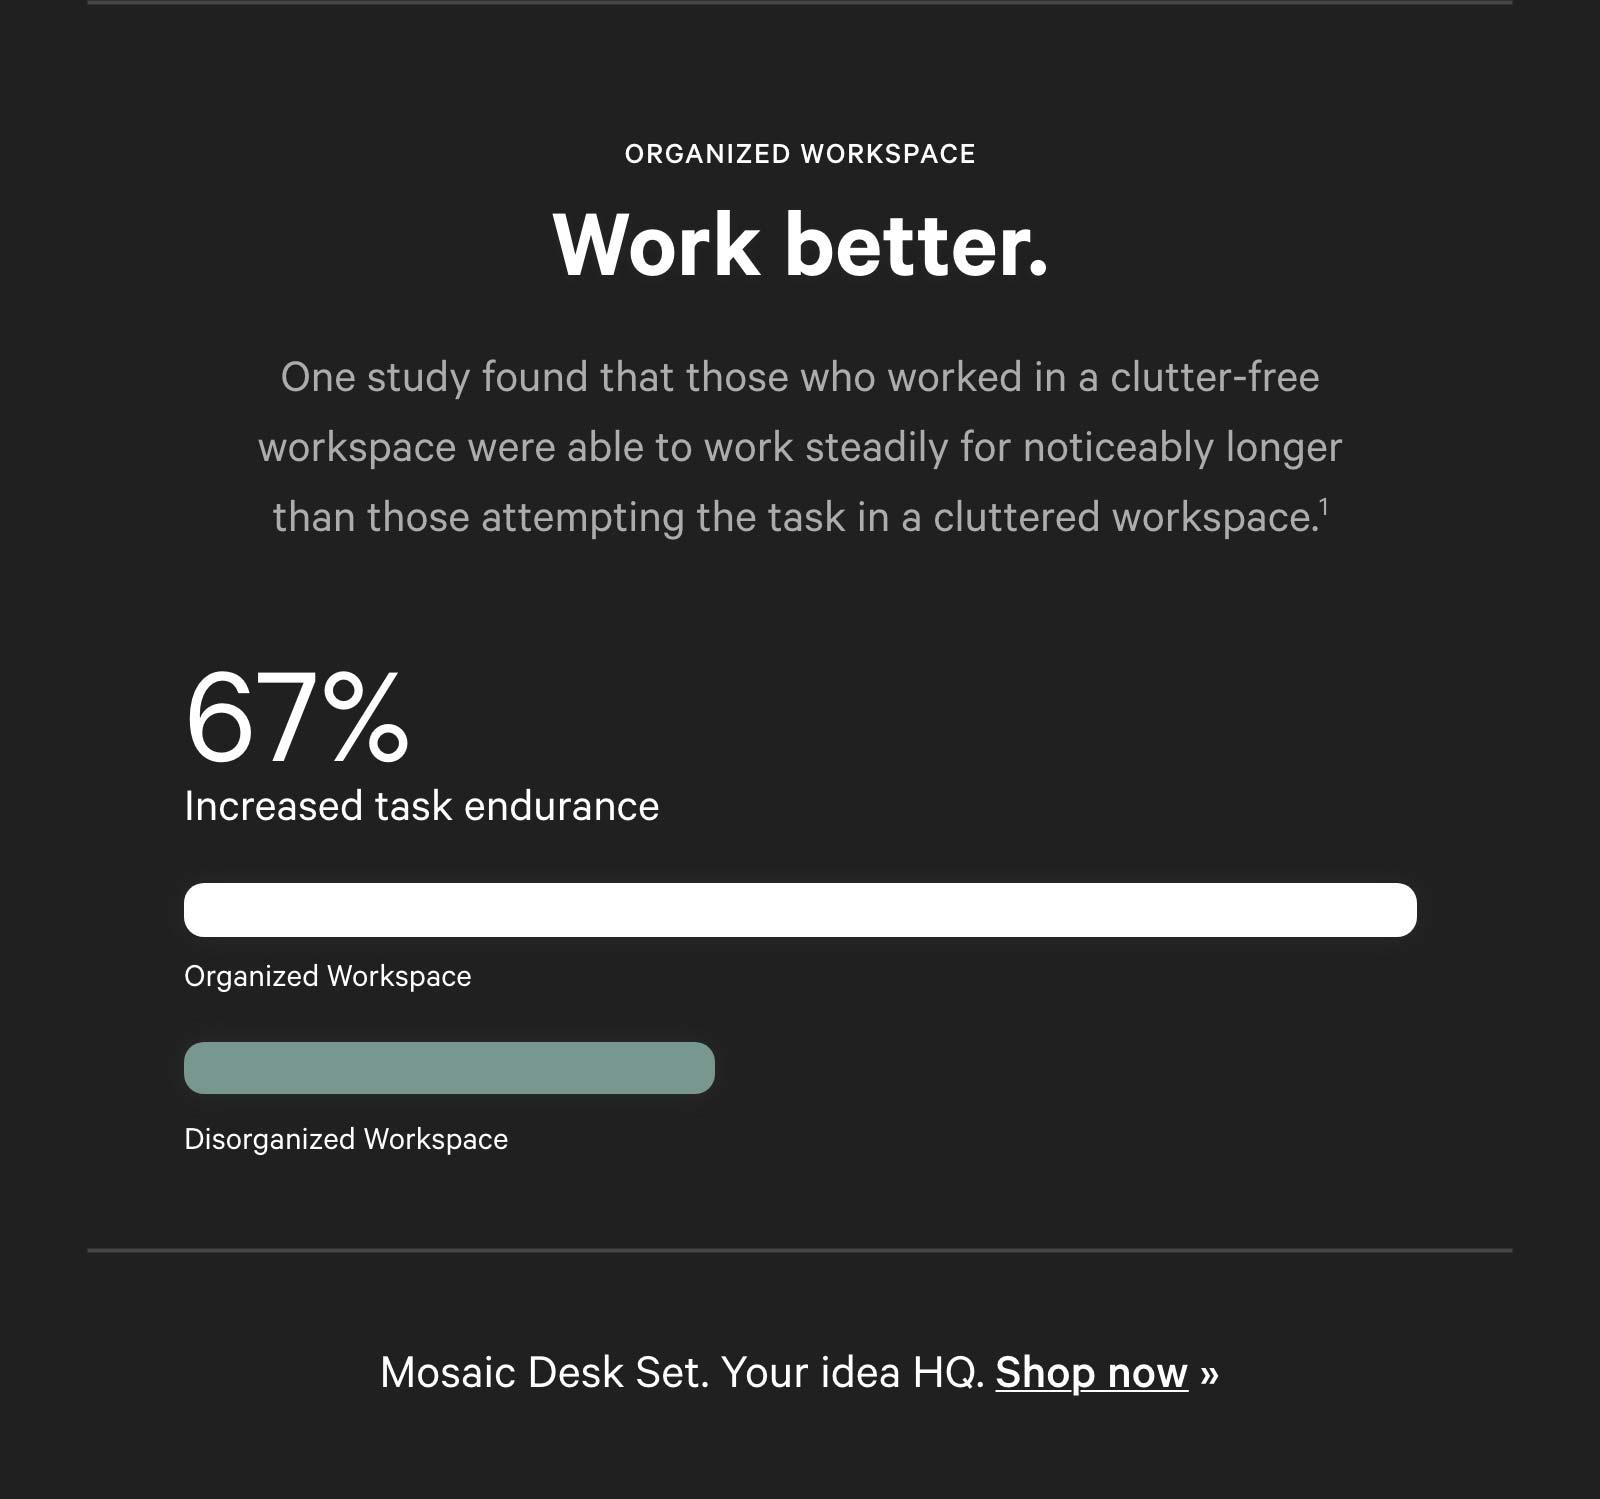 Work better. 67% increased task endurance.